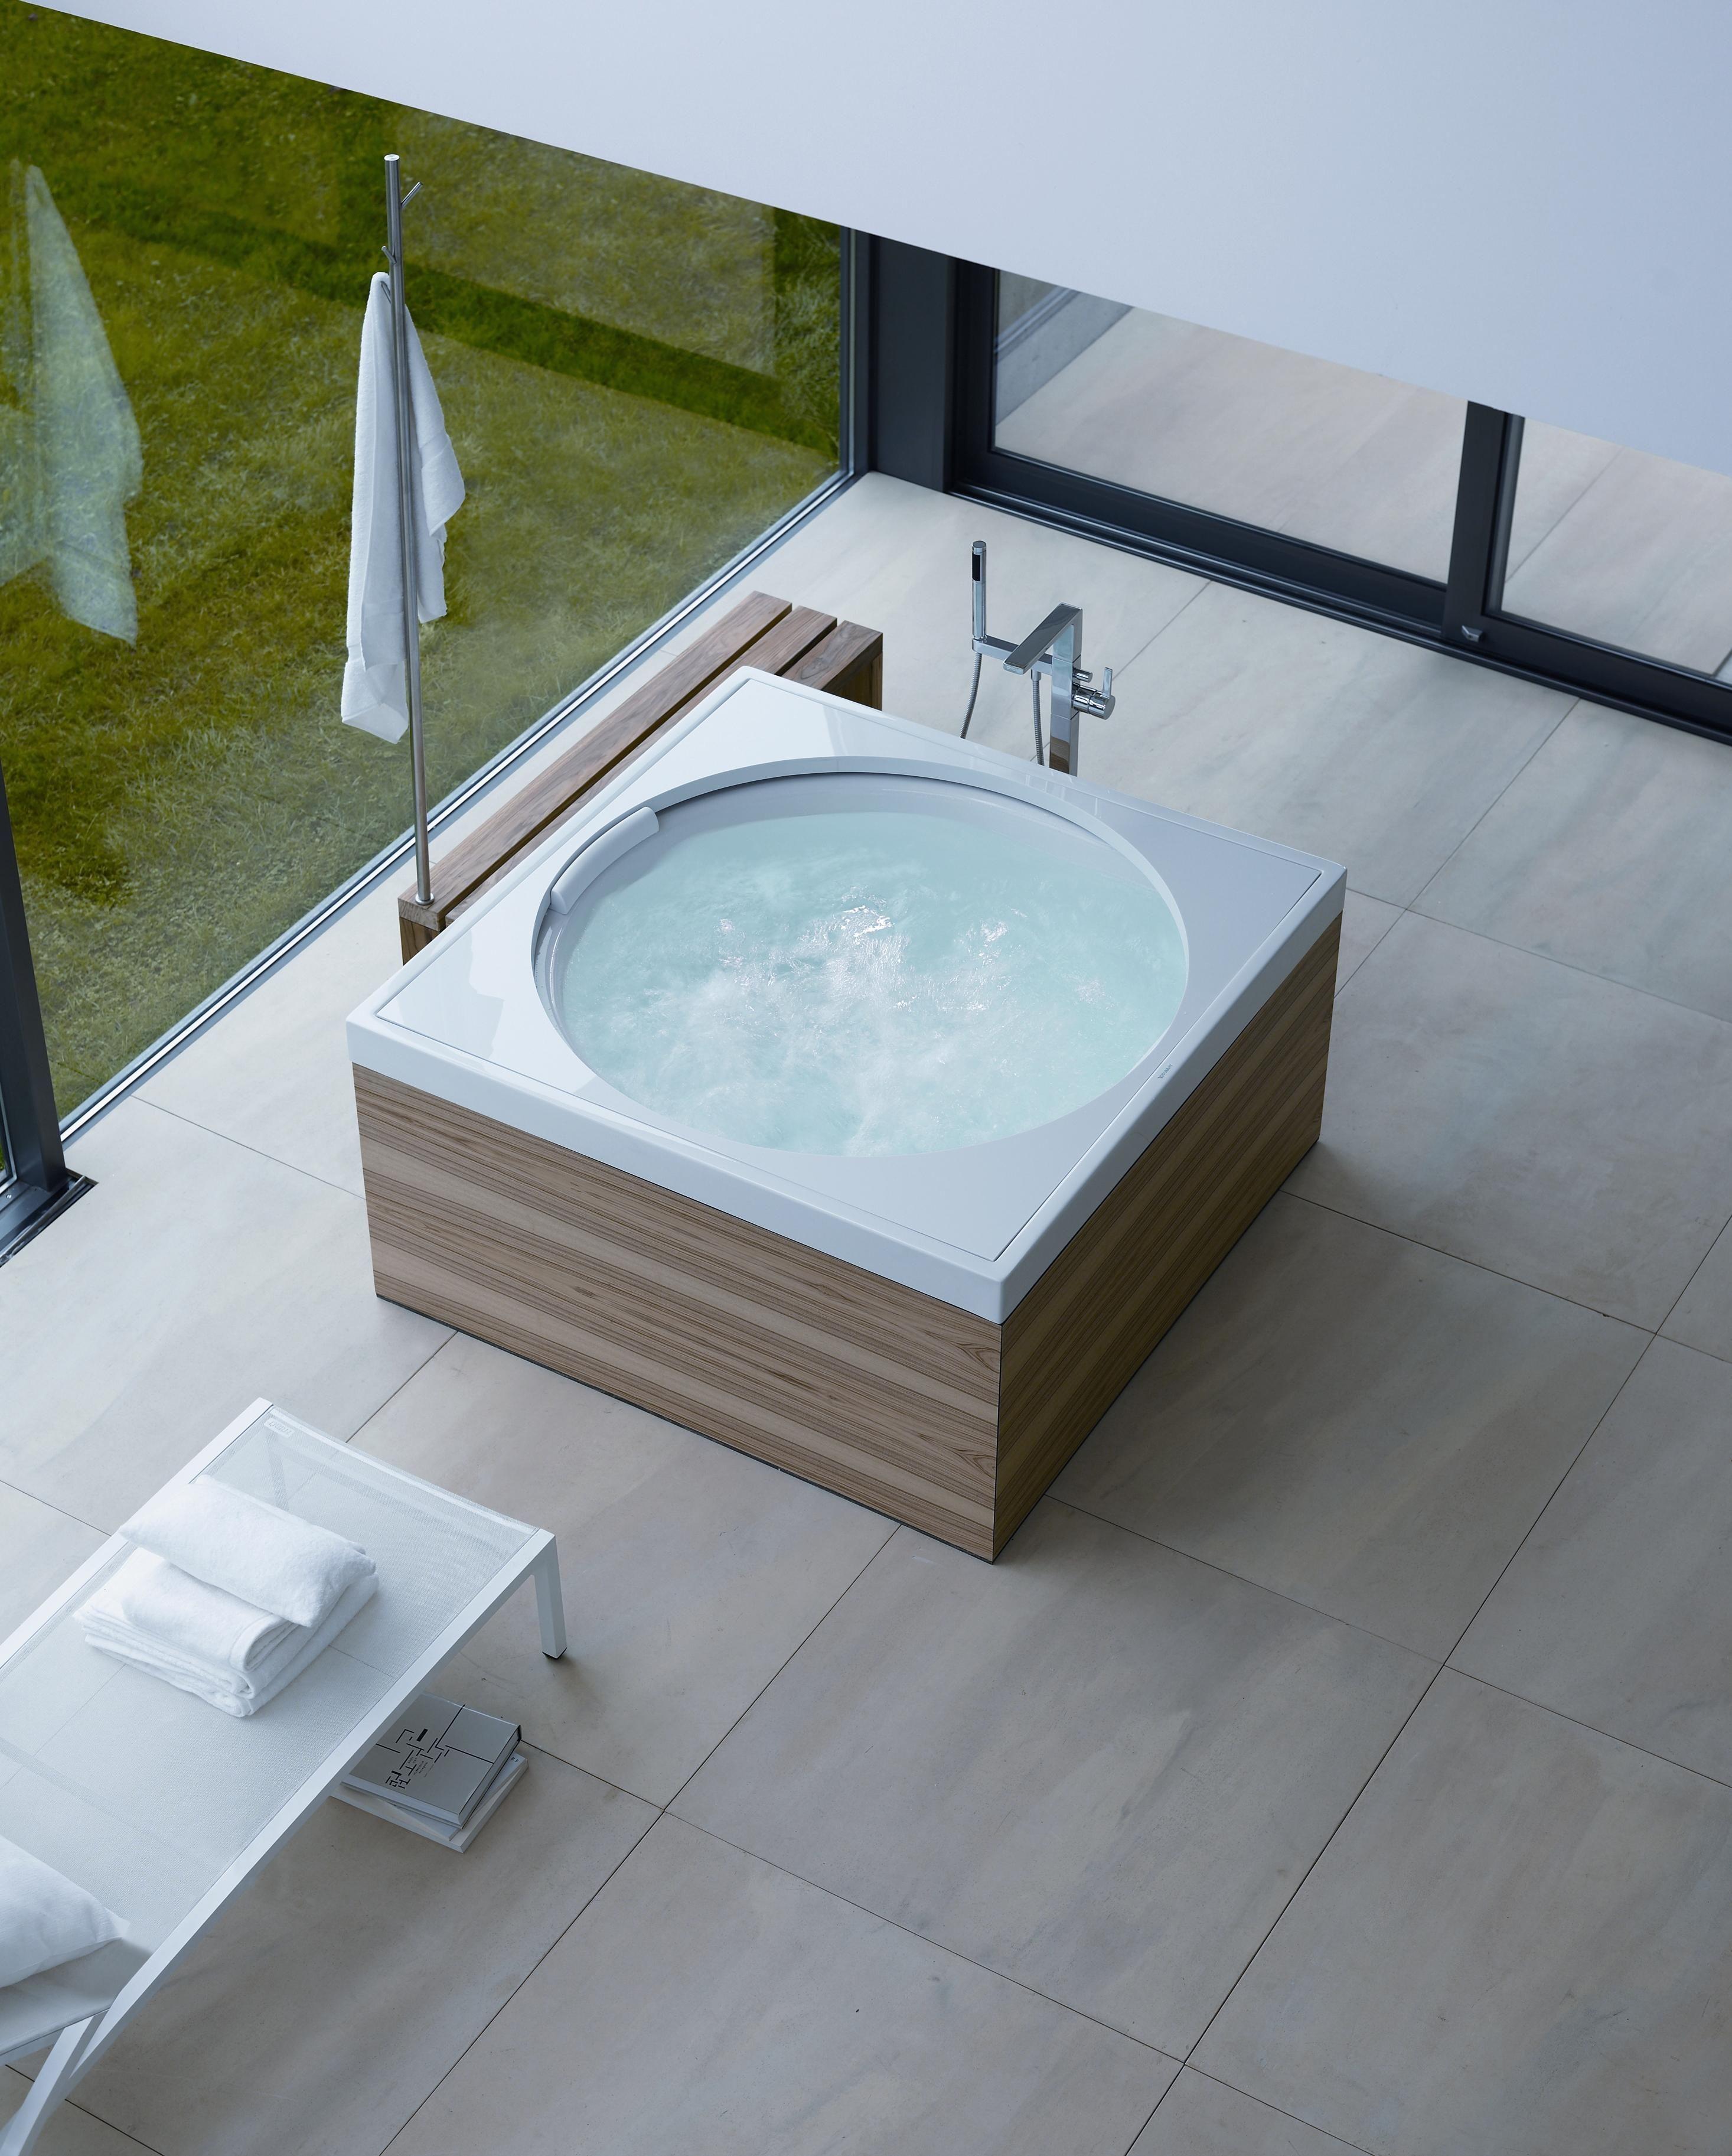 Duravit Blue Moon Pool Spa Bathtub Remodel Bath Tub Fun Bathtub Design